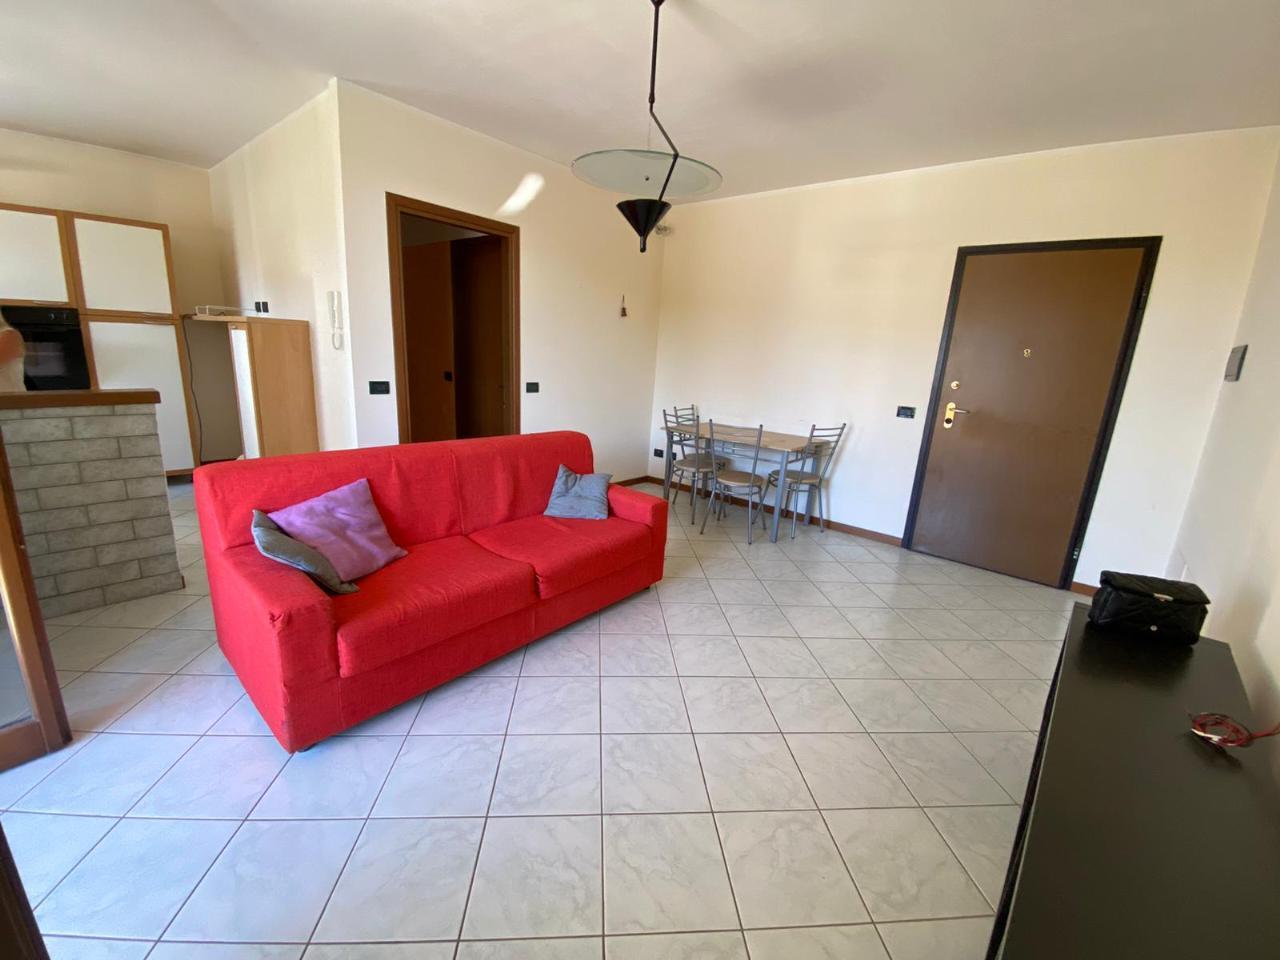 Appartamento GERRE DE' CAPRIOLI €109.000,00